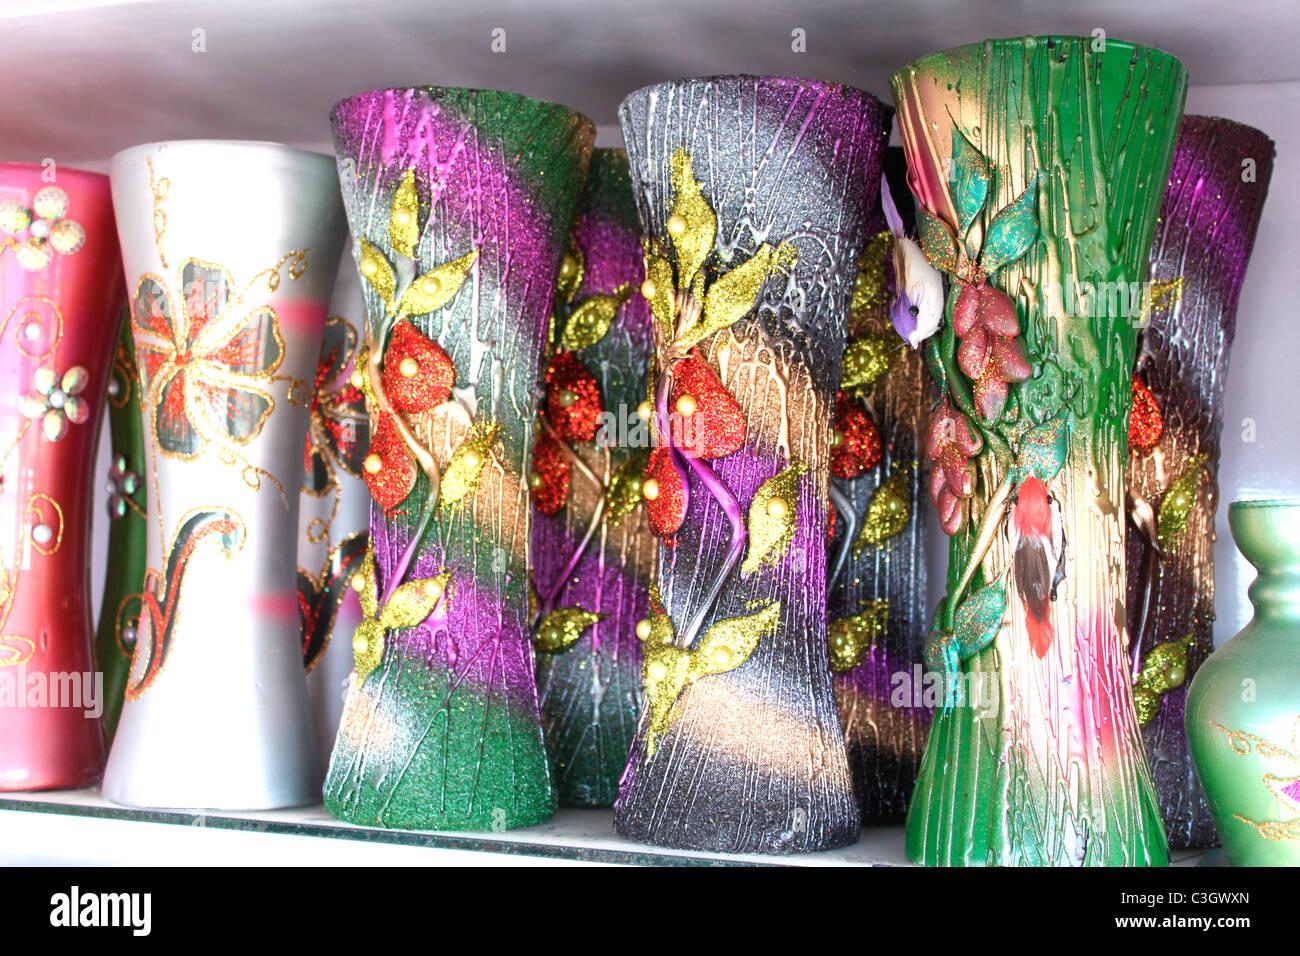 Flower vases - Stock Image